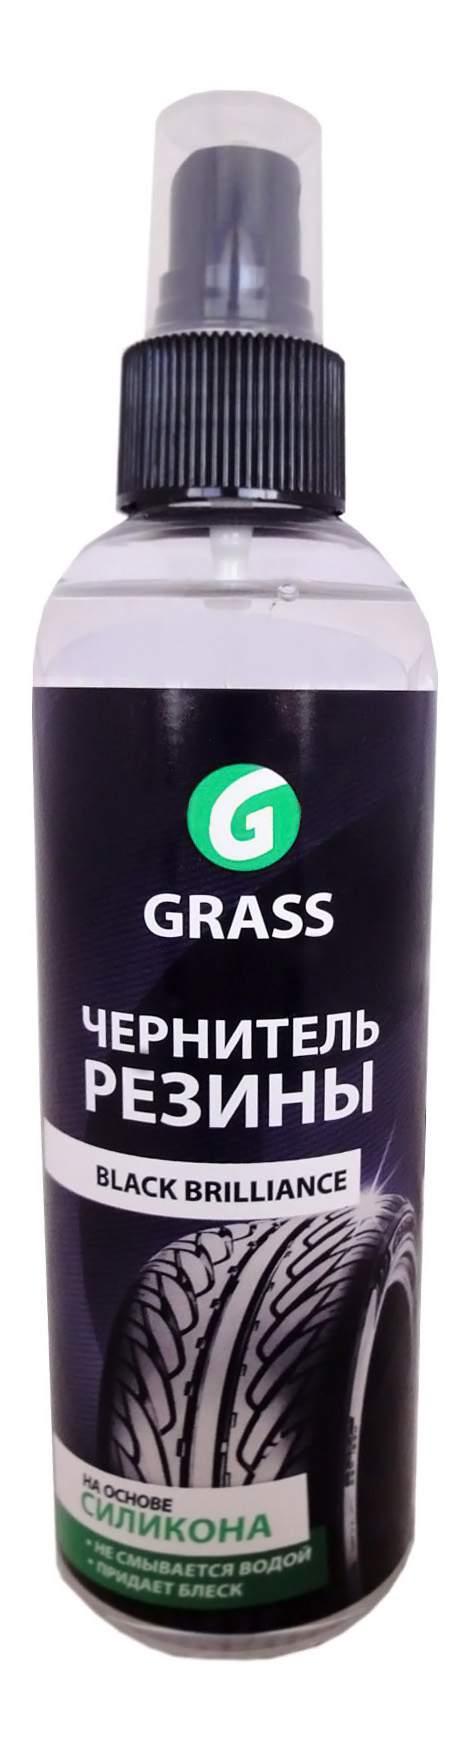 Чернитель резины GRASS Black Brilliance (0,5л)